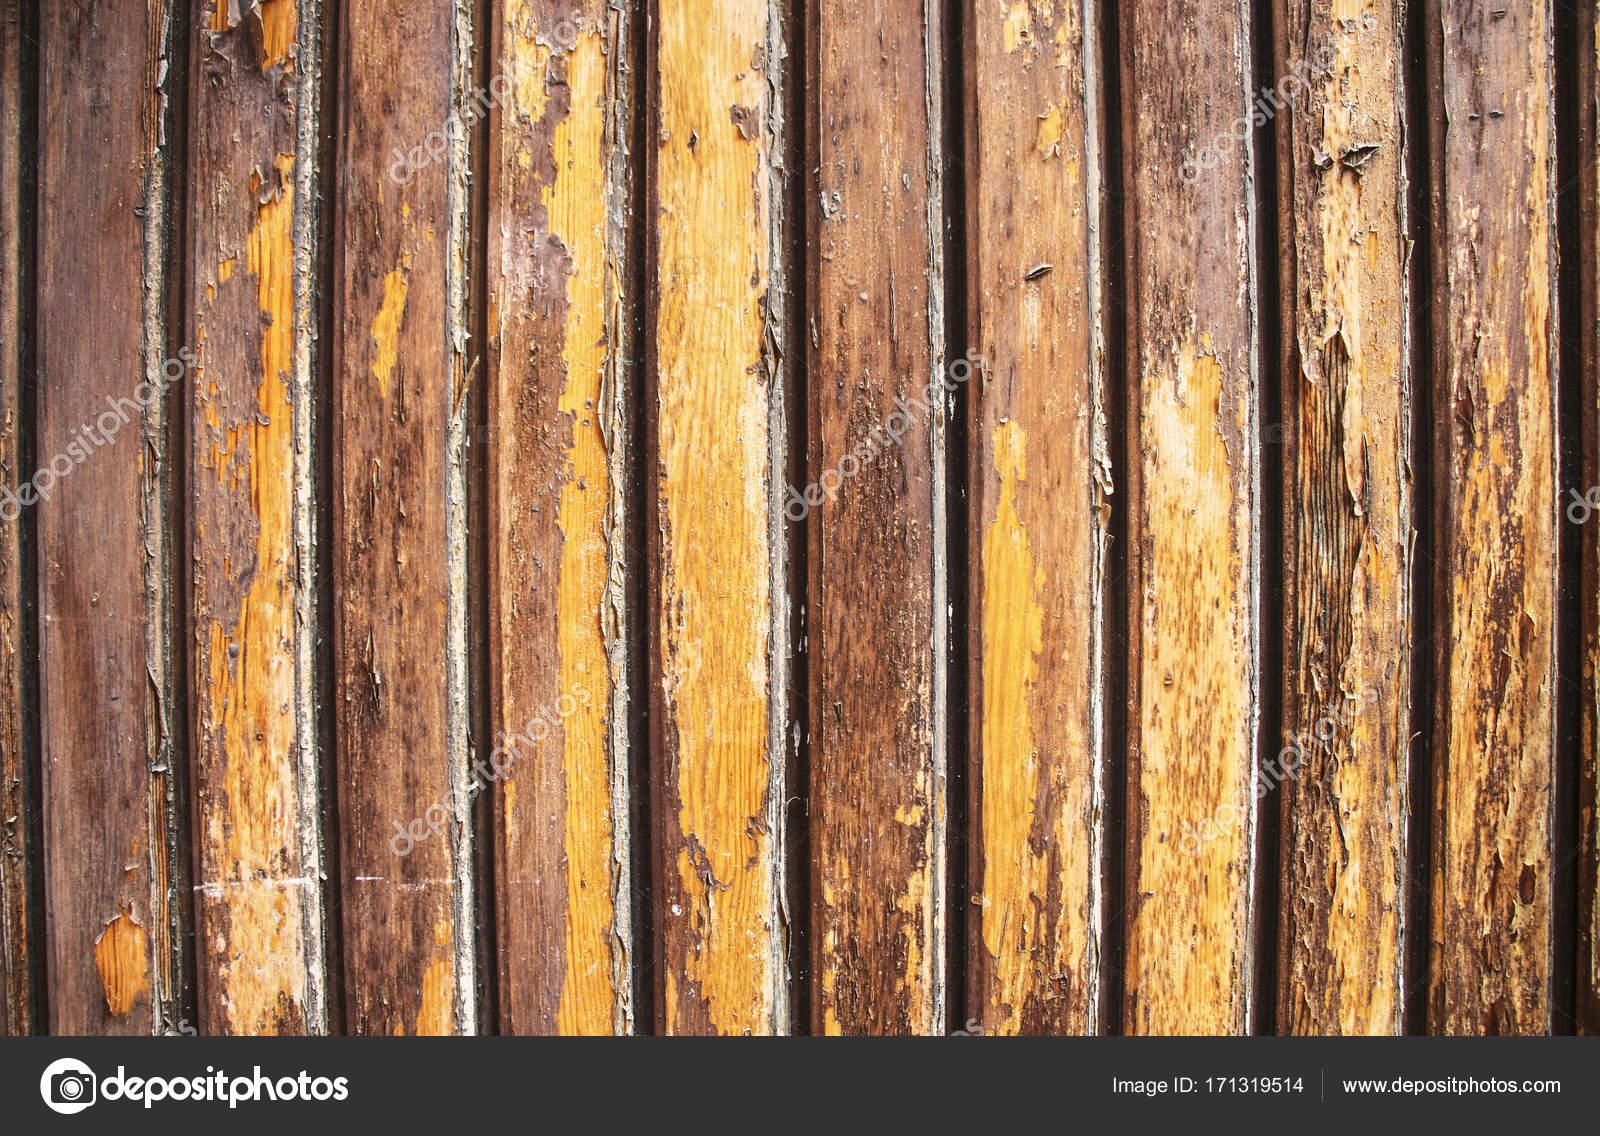 Colori Vernici Legno : Struttura di vecchio legno con vernice incrinata di colore giallo e